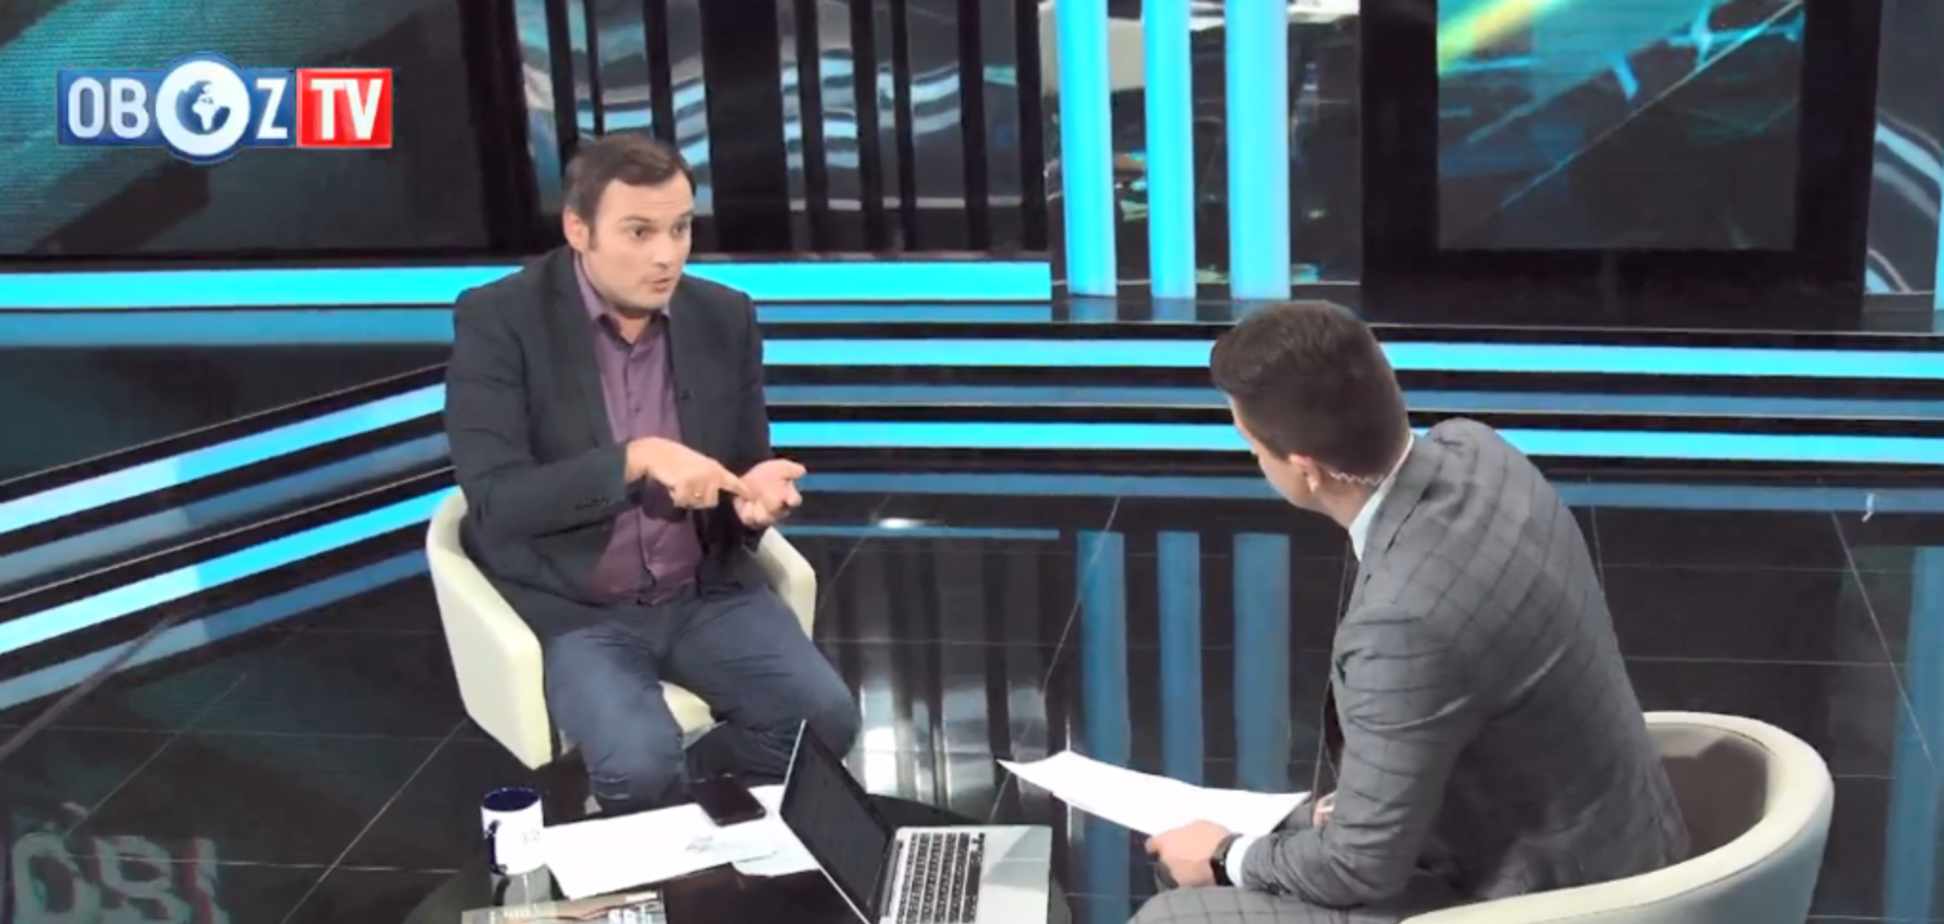 Вибори в Раду: в Україні запропонували скасувати жорстке обмеження для кандидатів